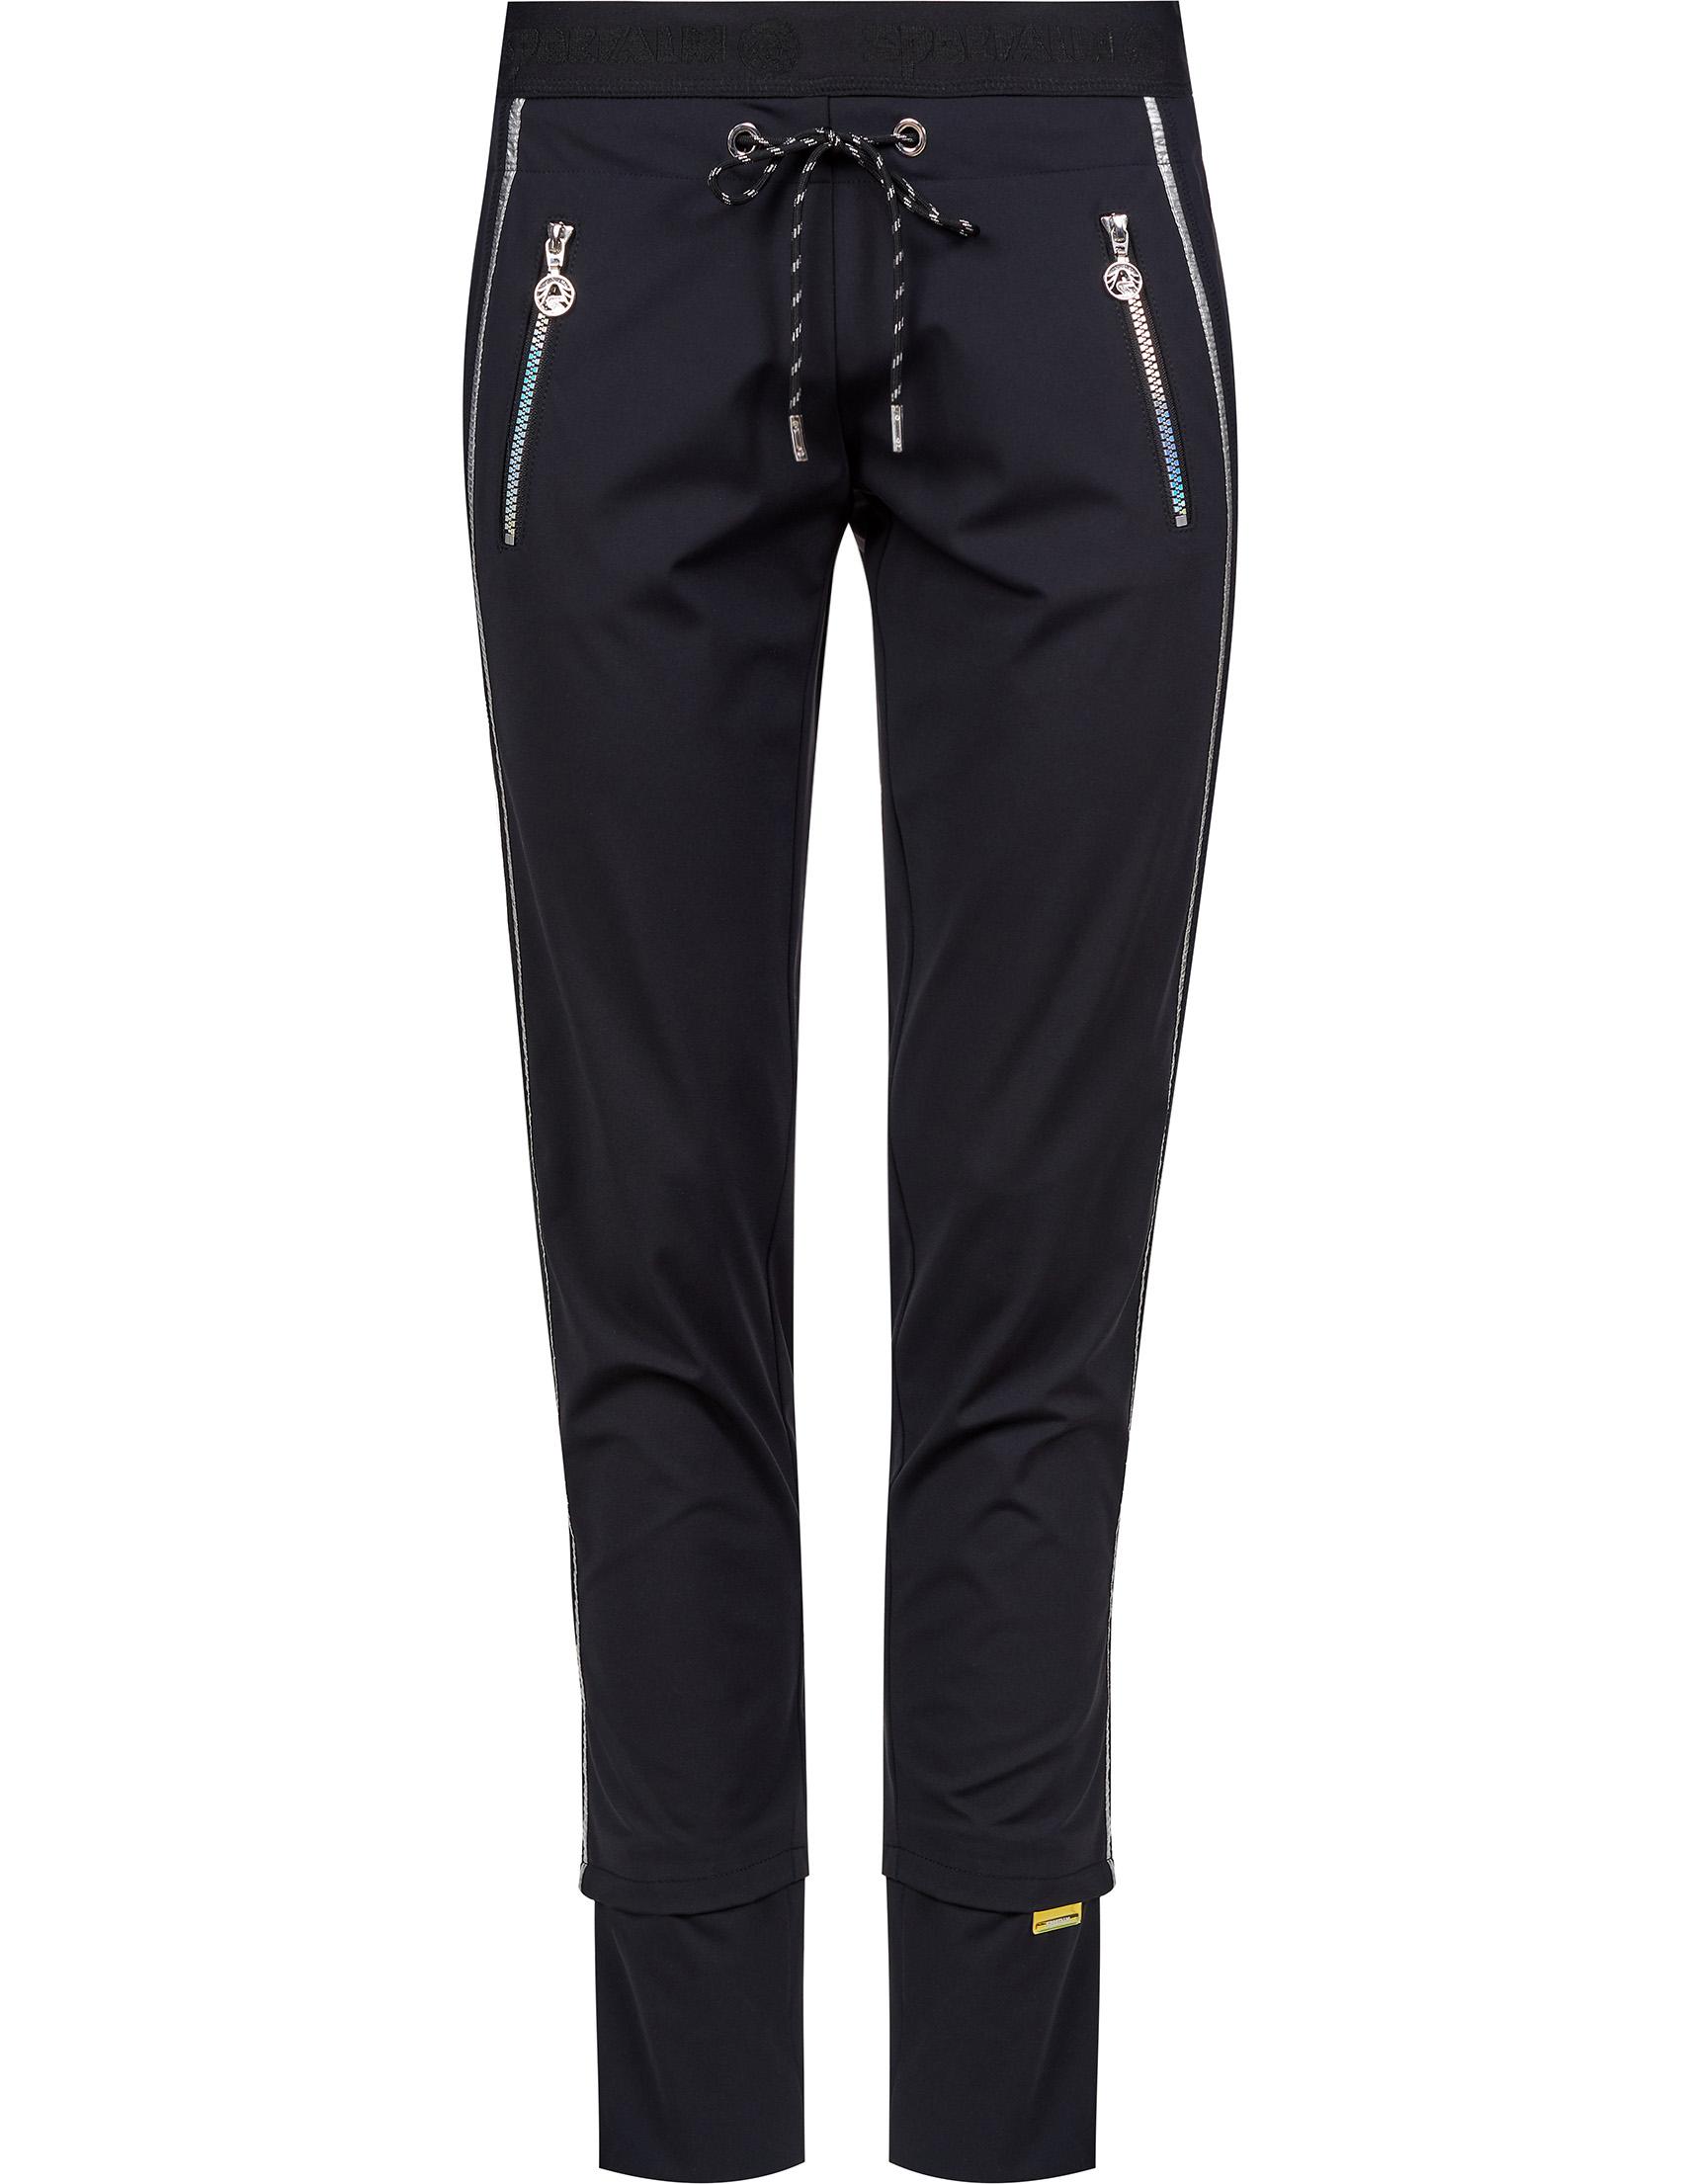 Купить со скидкой Спортивные брюки